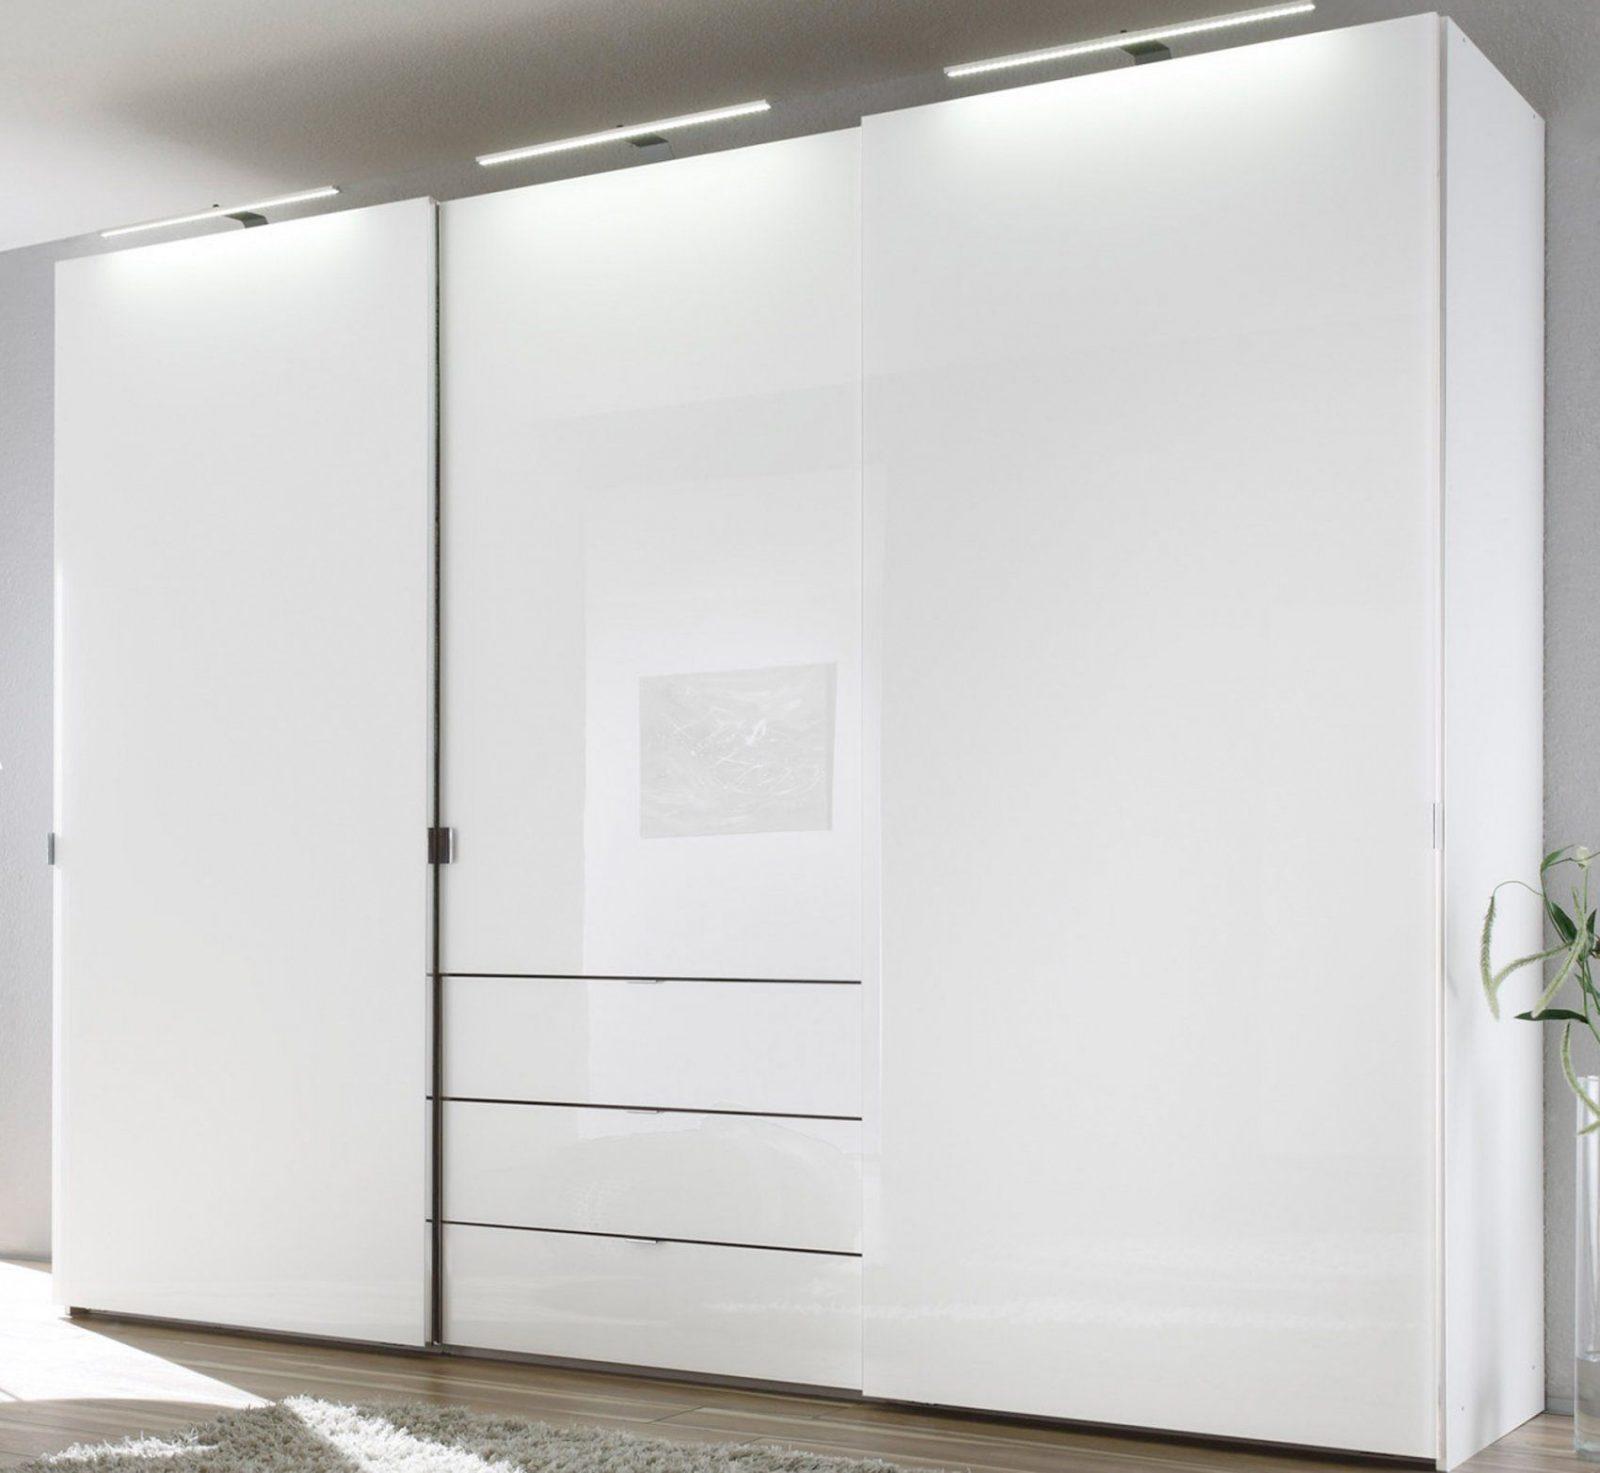 Kleiderschrank Weis 80 Cm Breit Jupiter Eiche Weia Schubladen von Kleiderschrank Weiß 160 Breit Photo